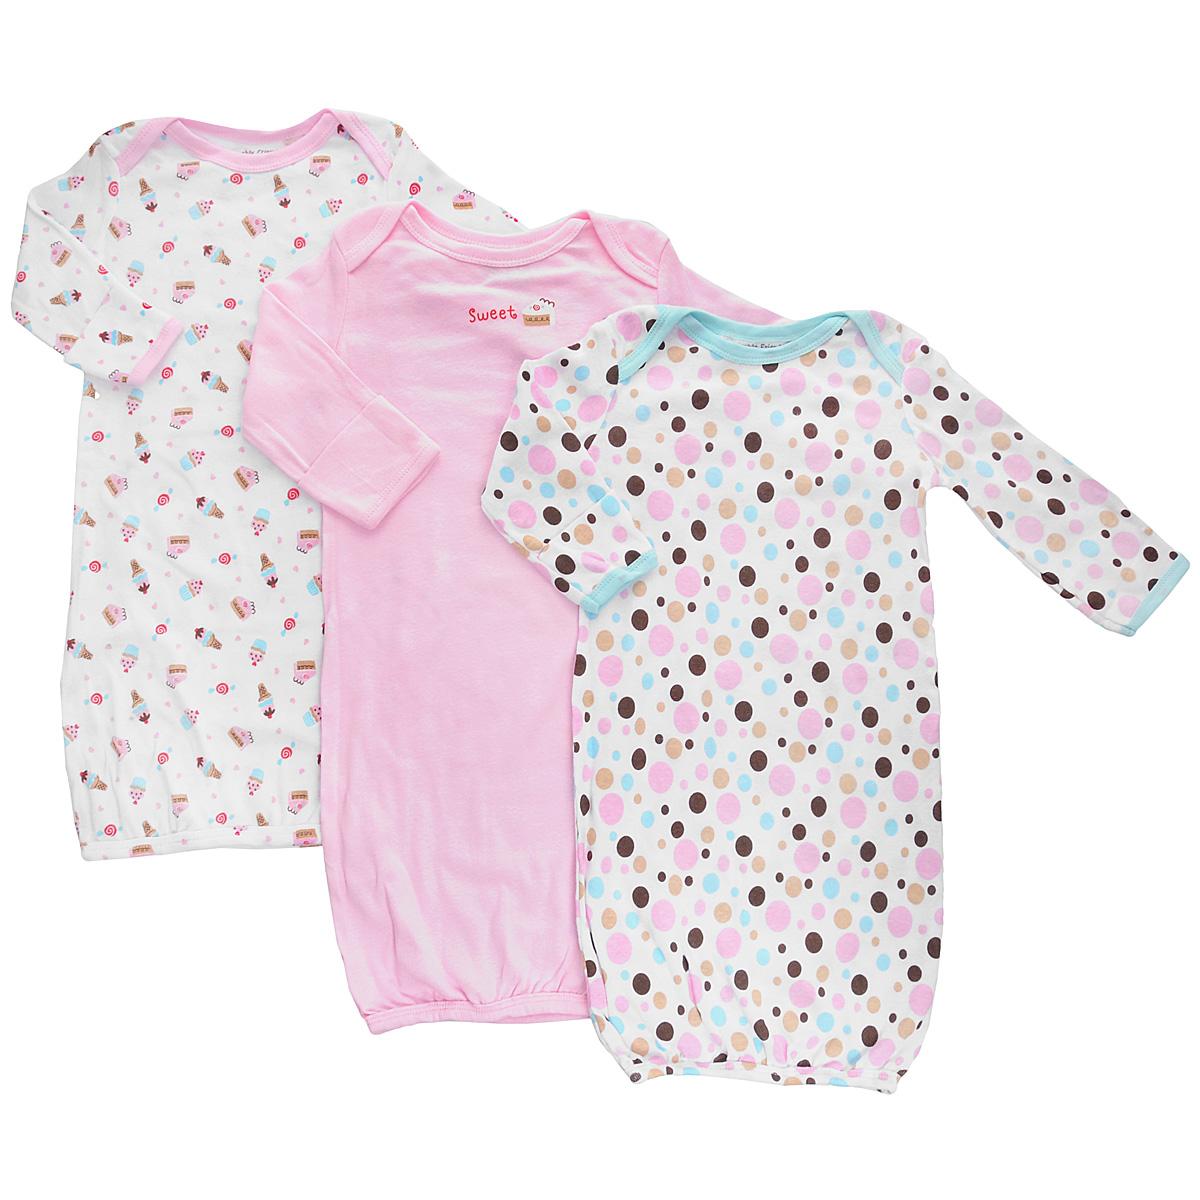 Сорочка детская Luvable Friends, цвет: розовый, белый, 3 шт. 33000. Размер 55/67, 0-6 месяцев сорочка детская царевич в москве